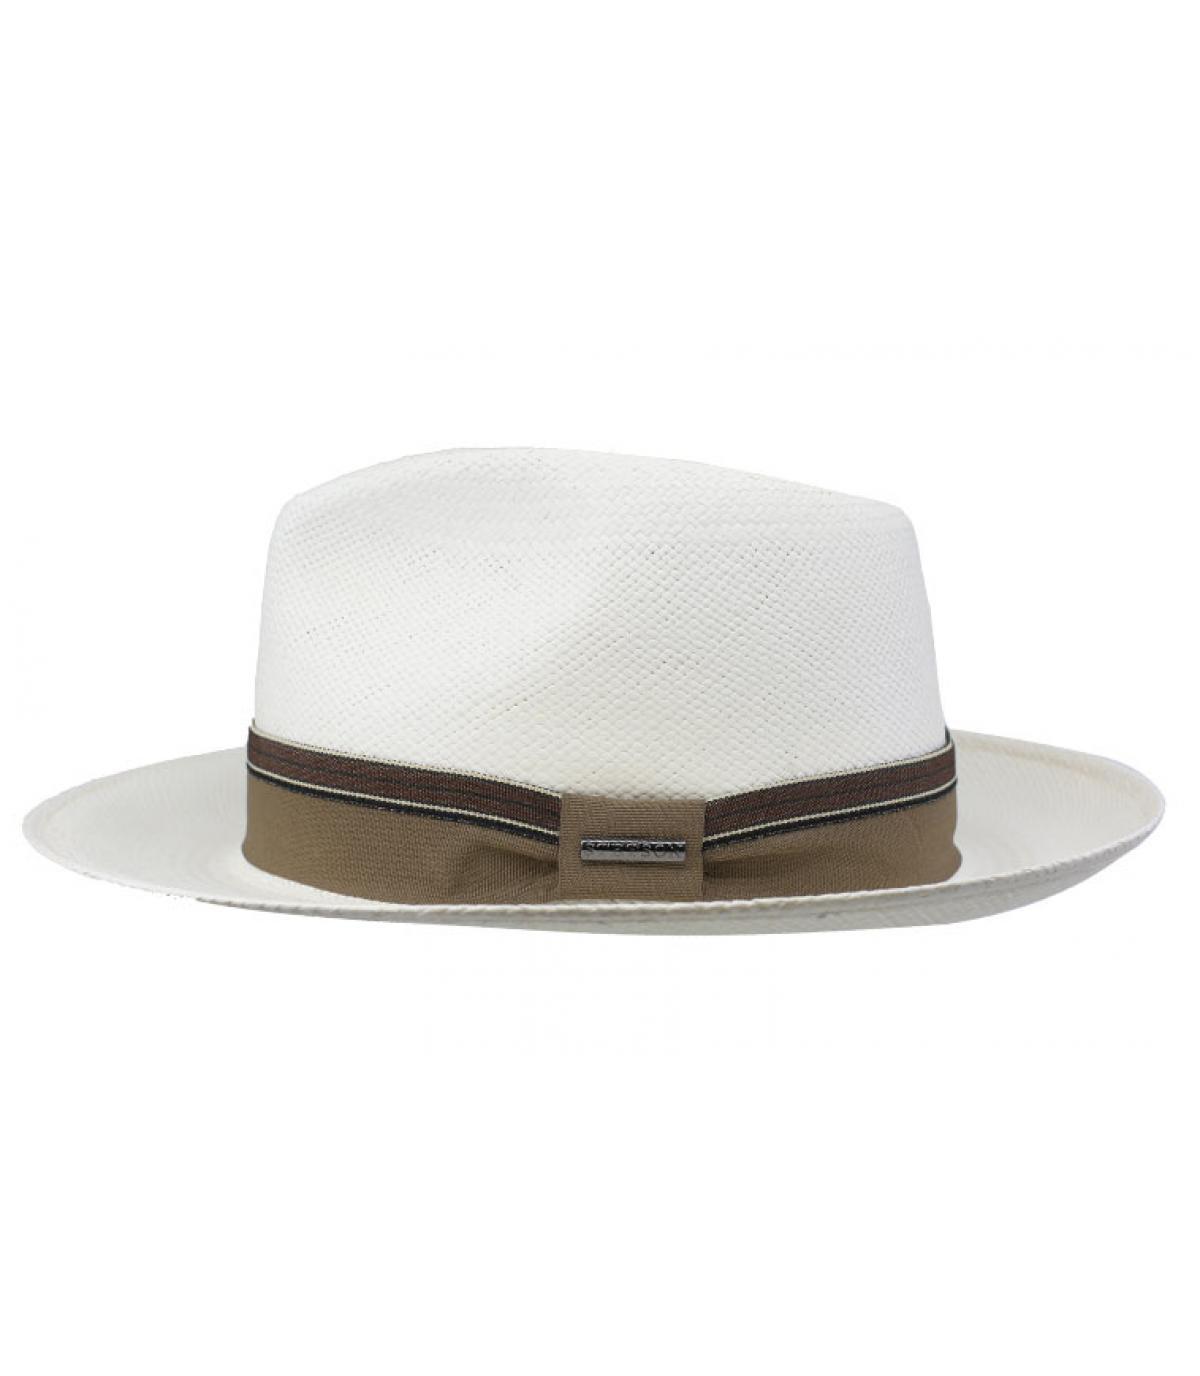 aab861f0b2687 Sombrero panama - Compra venta de Sombreros panama. Primera sombrerería en  línea. Entrega en 48 72horas.